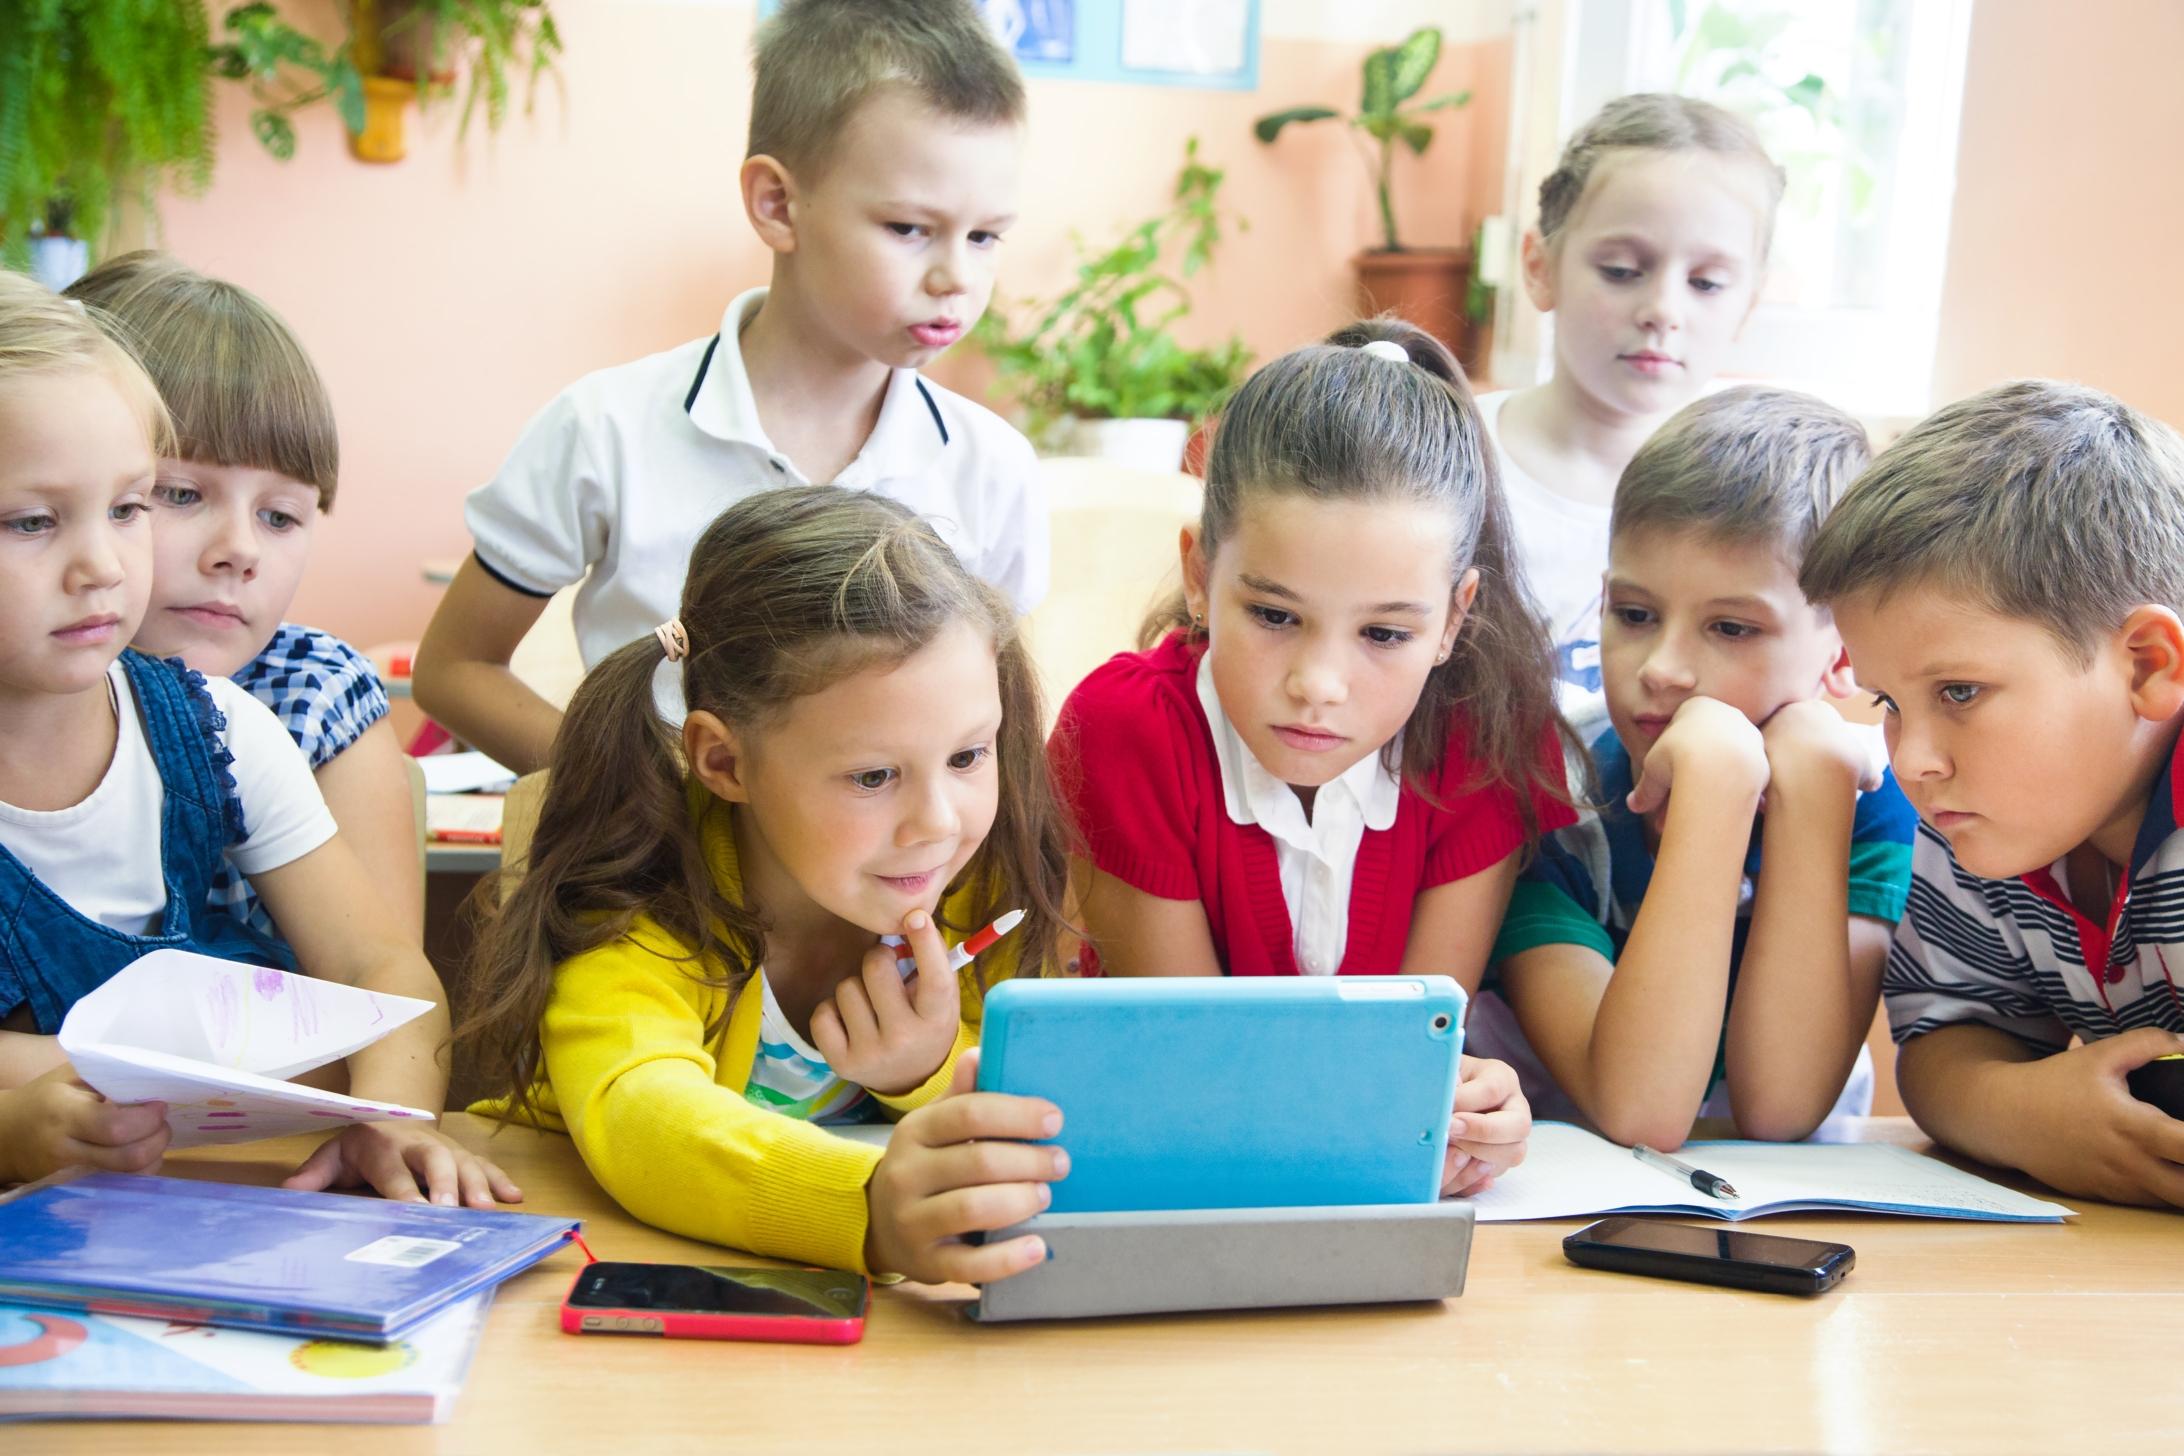 Des enfants regardent attentivement une tablette dans une salle de classe.